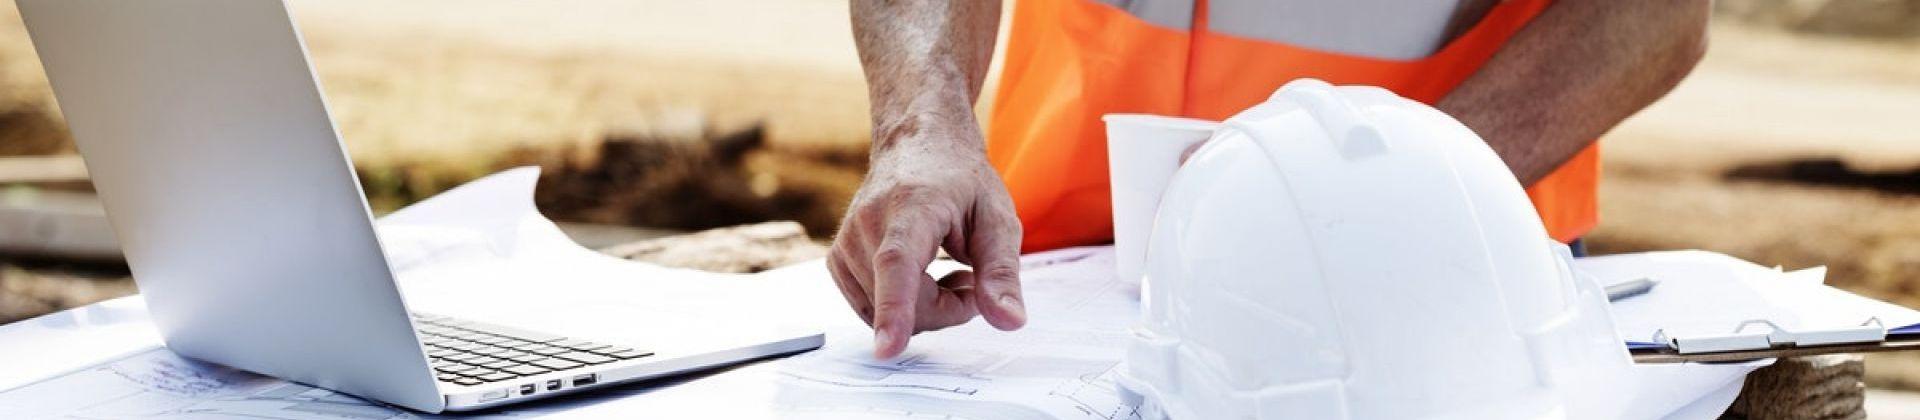 Linia zabudowy i nieprzekraczalna linia zabudowy - którą można przekroczyć?